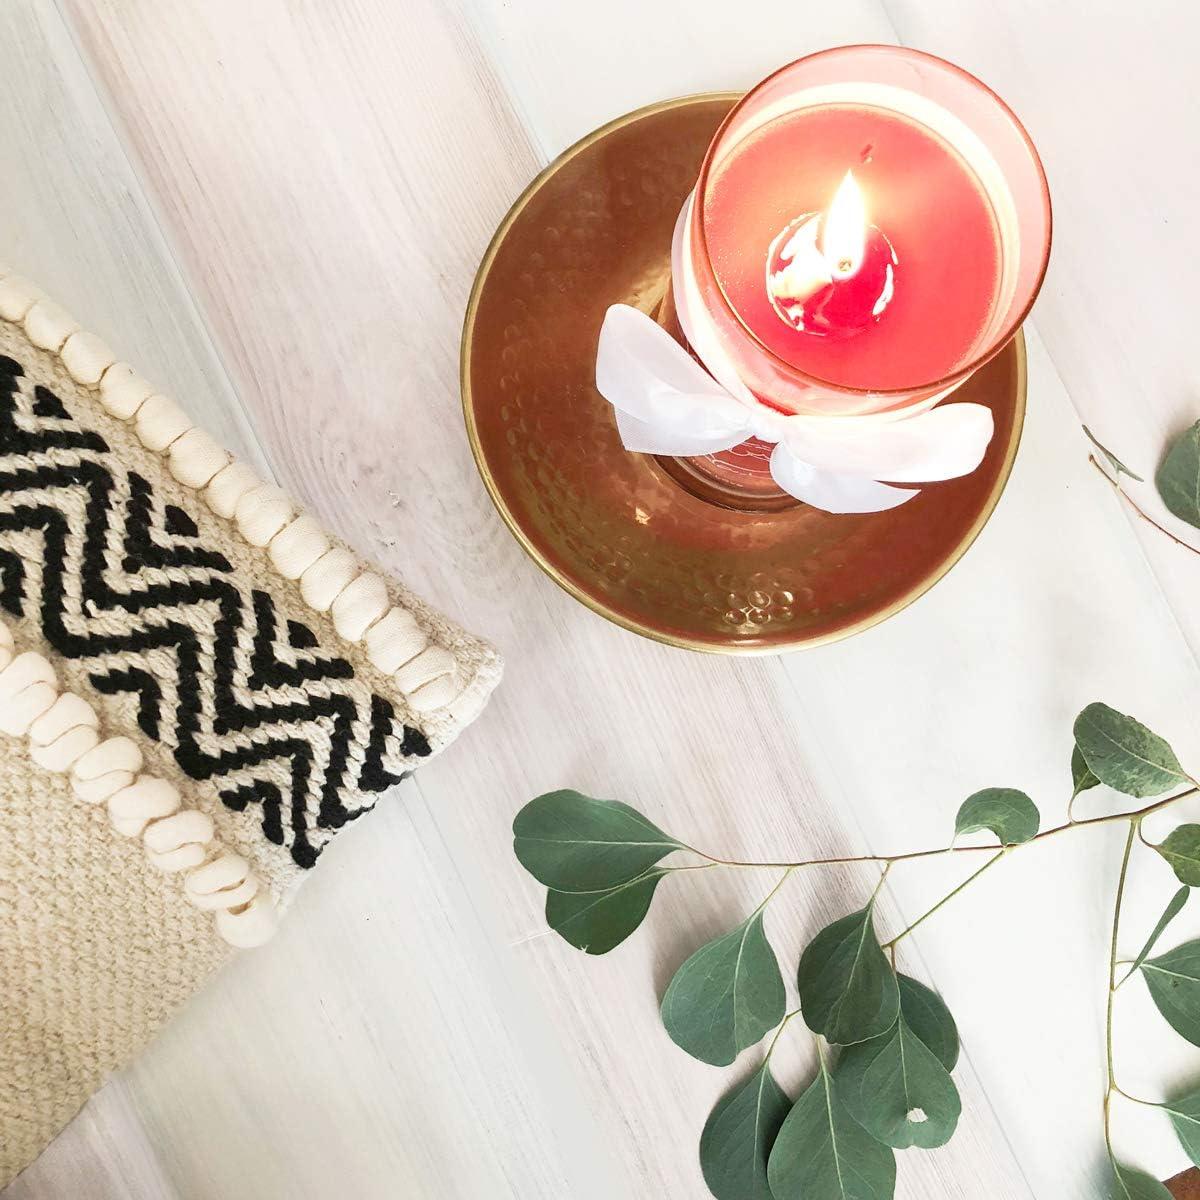 JuwelKerze Hei/ße Maronen Silber Ohrringe, Brenndauer : 45 /– 65 Stunden Kerze im Glas mit Schmuck Kleine orangene Duftkerze mit /Überraschung als Geschenk f/ür Sie